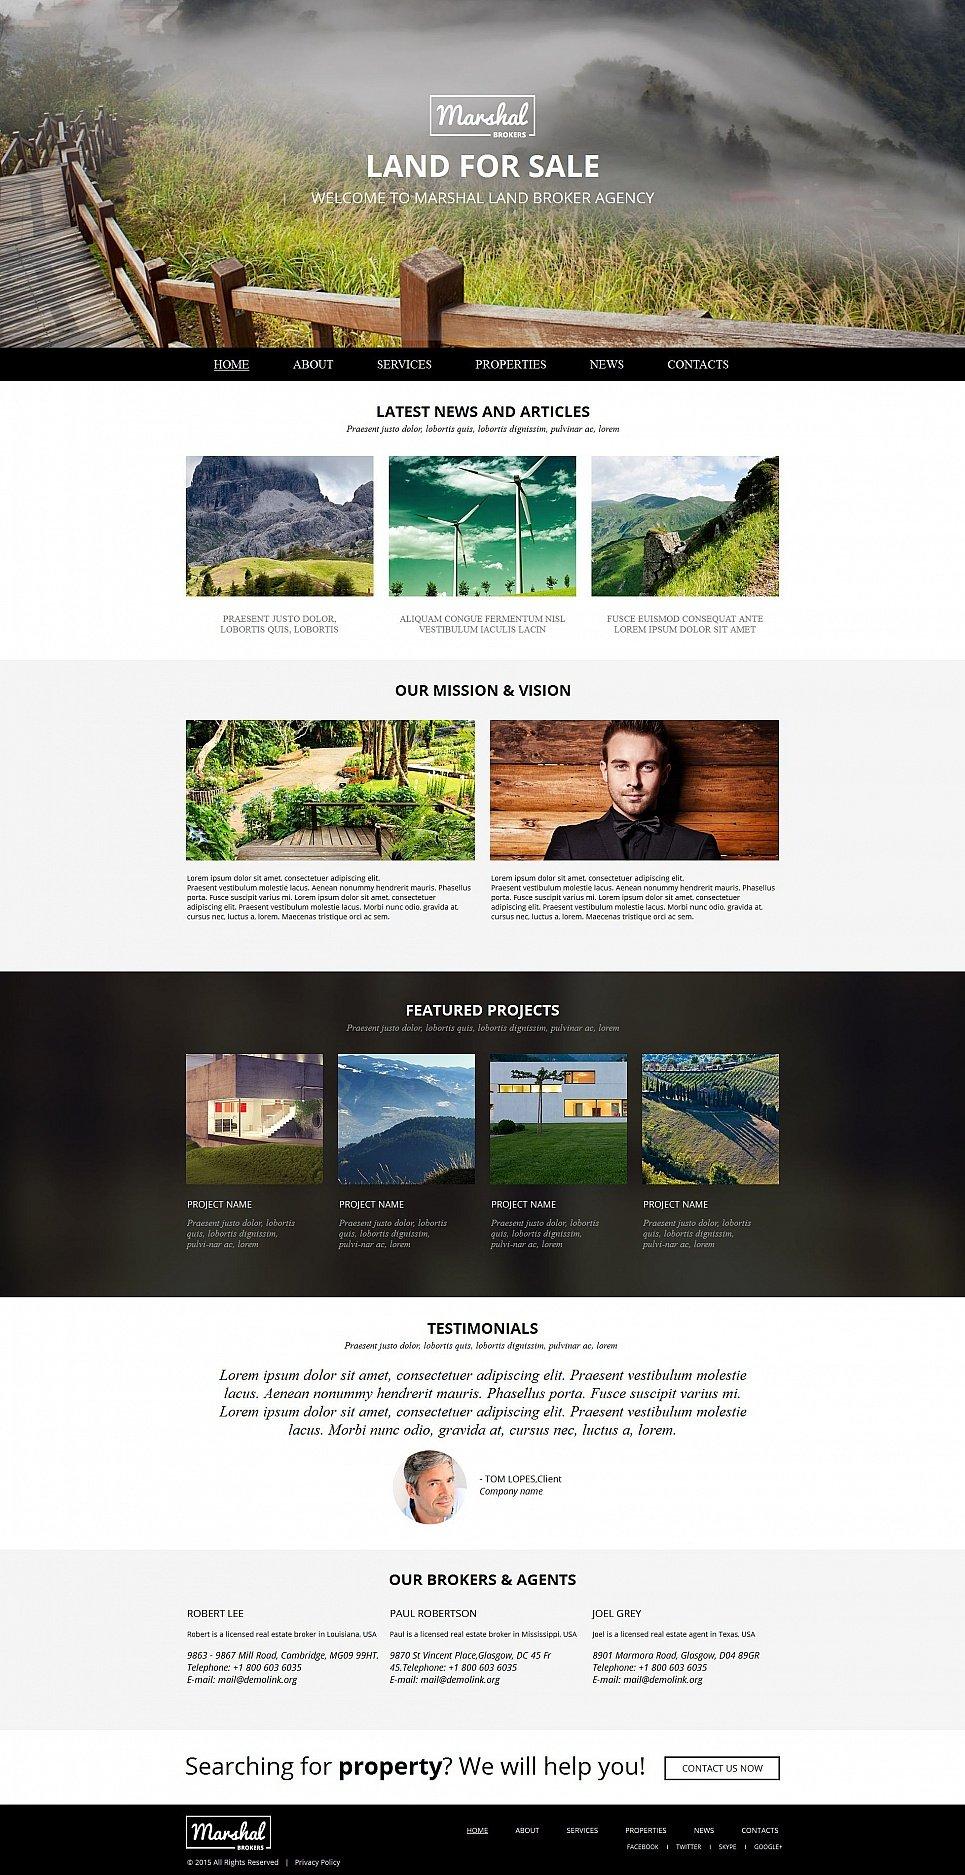 Land Sale Website Template - image